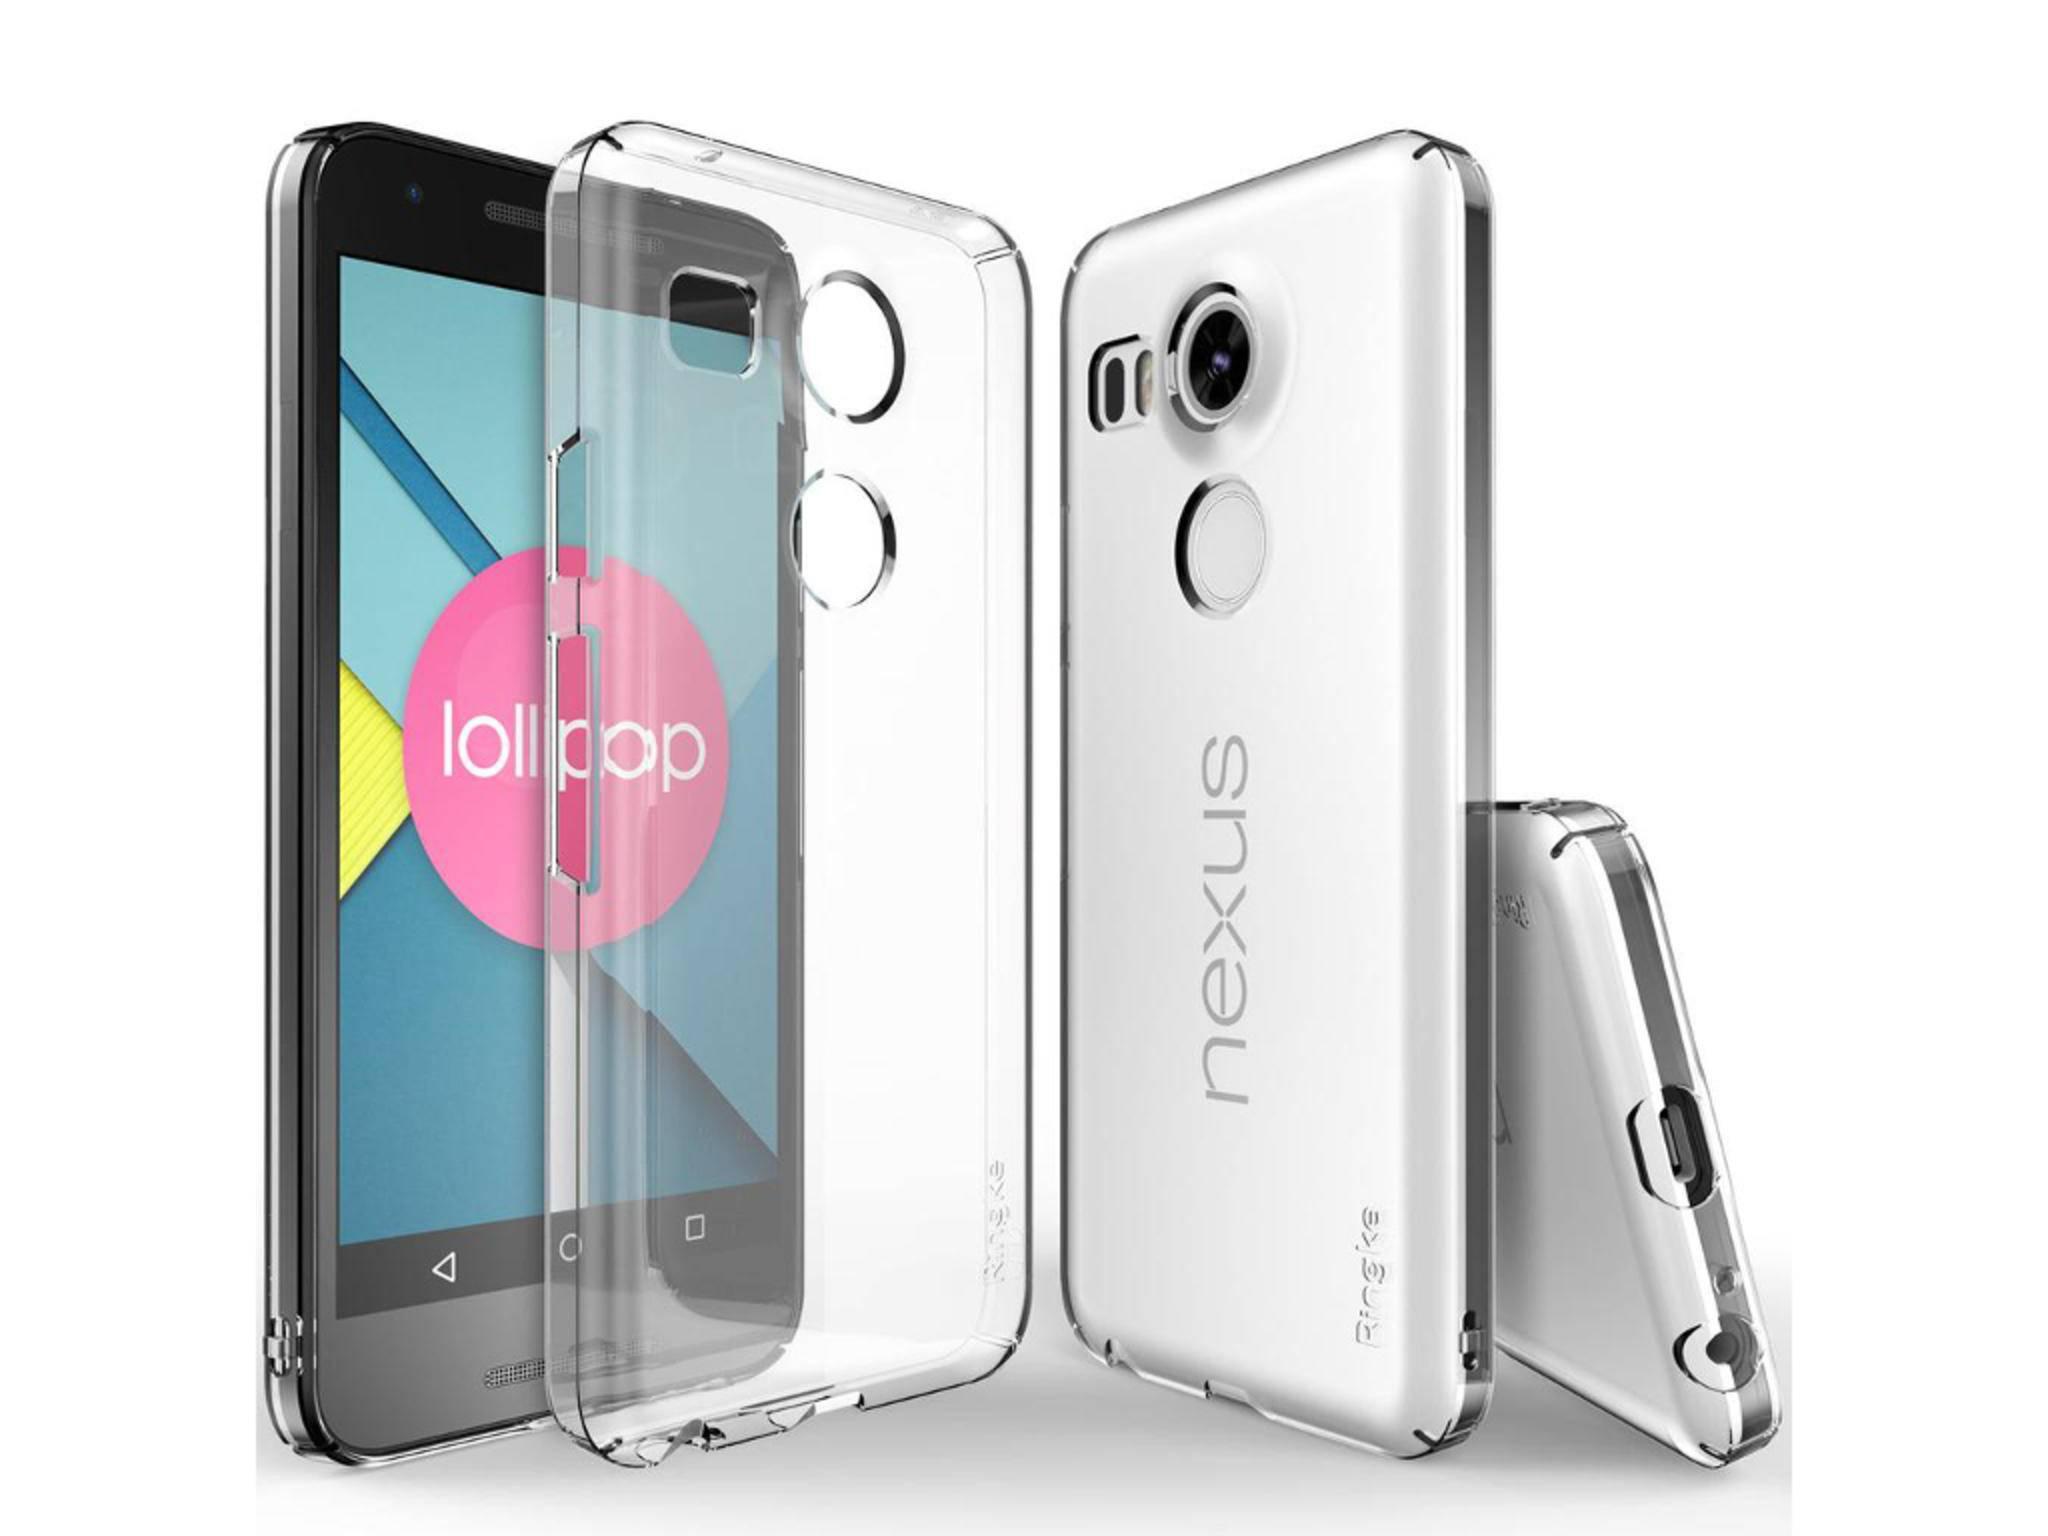 Dieses Bild zeigt möglicherweise das neue Nexus 5.